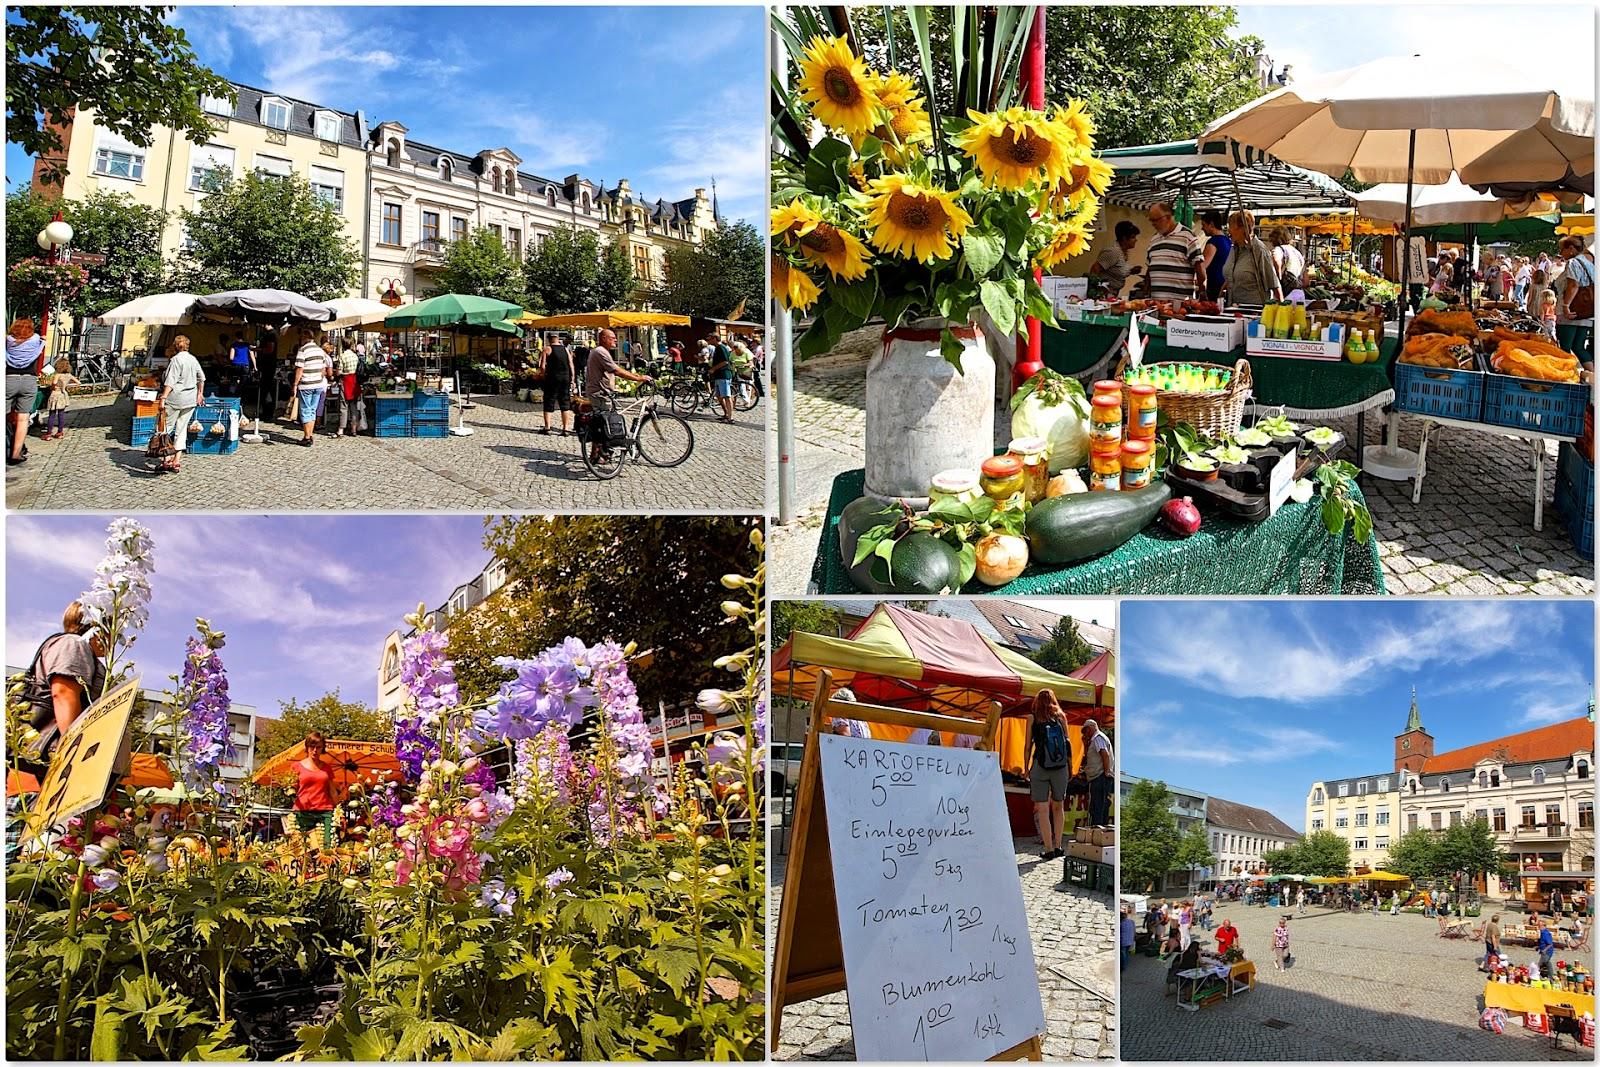 Spezialmarkt+Markt+Bernau+(1)